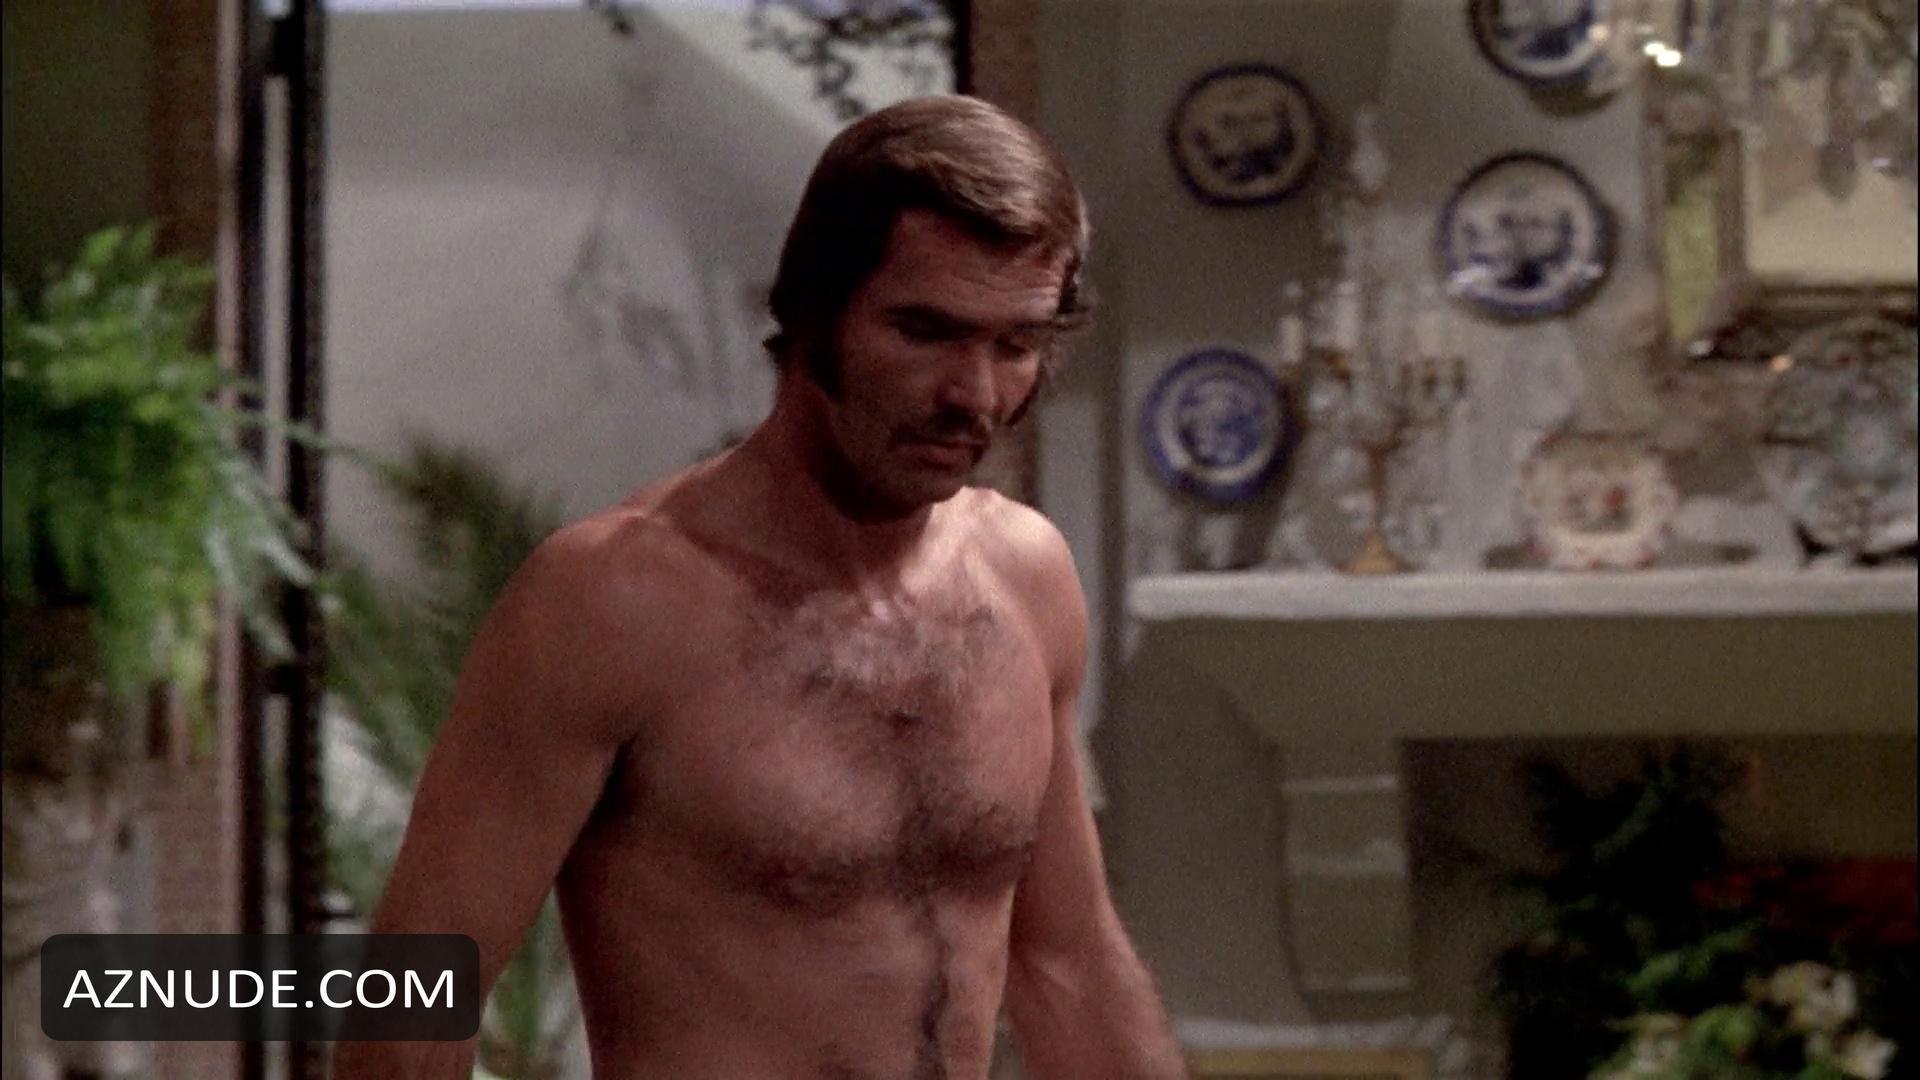 Burt reynolds nude pics